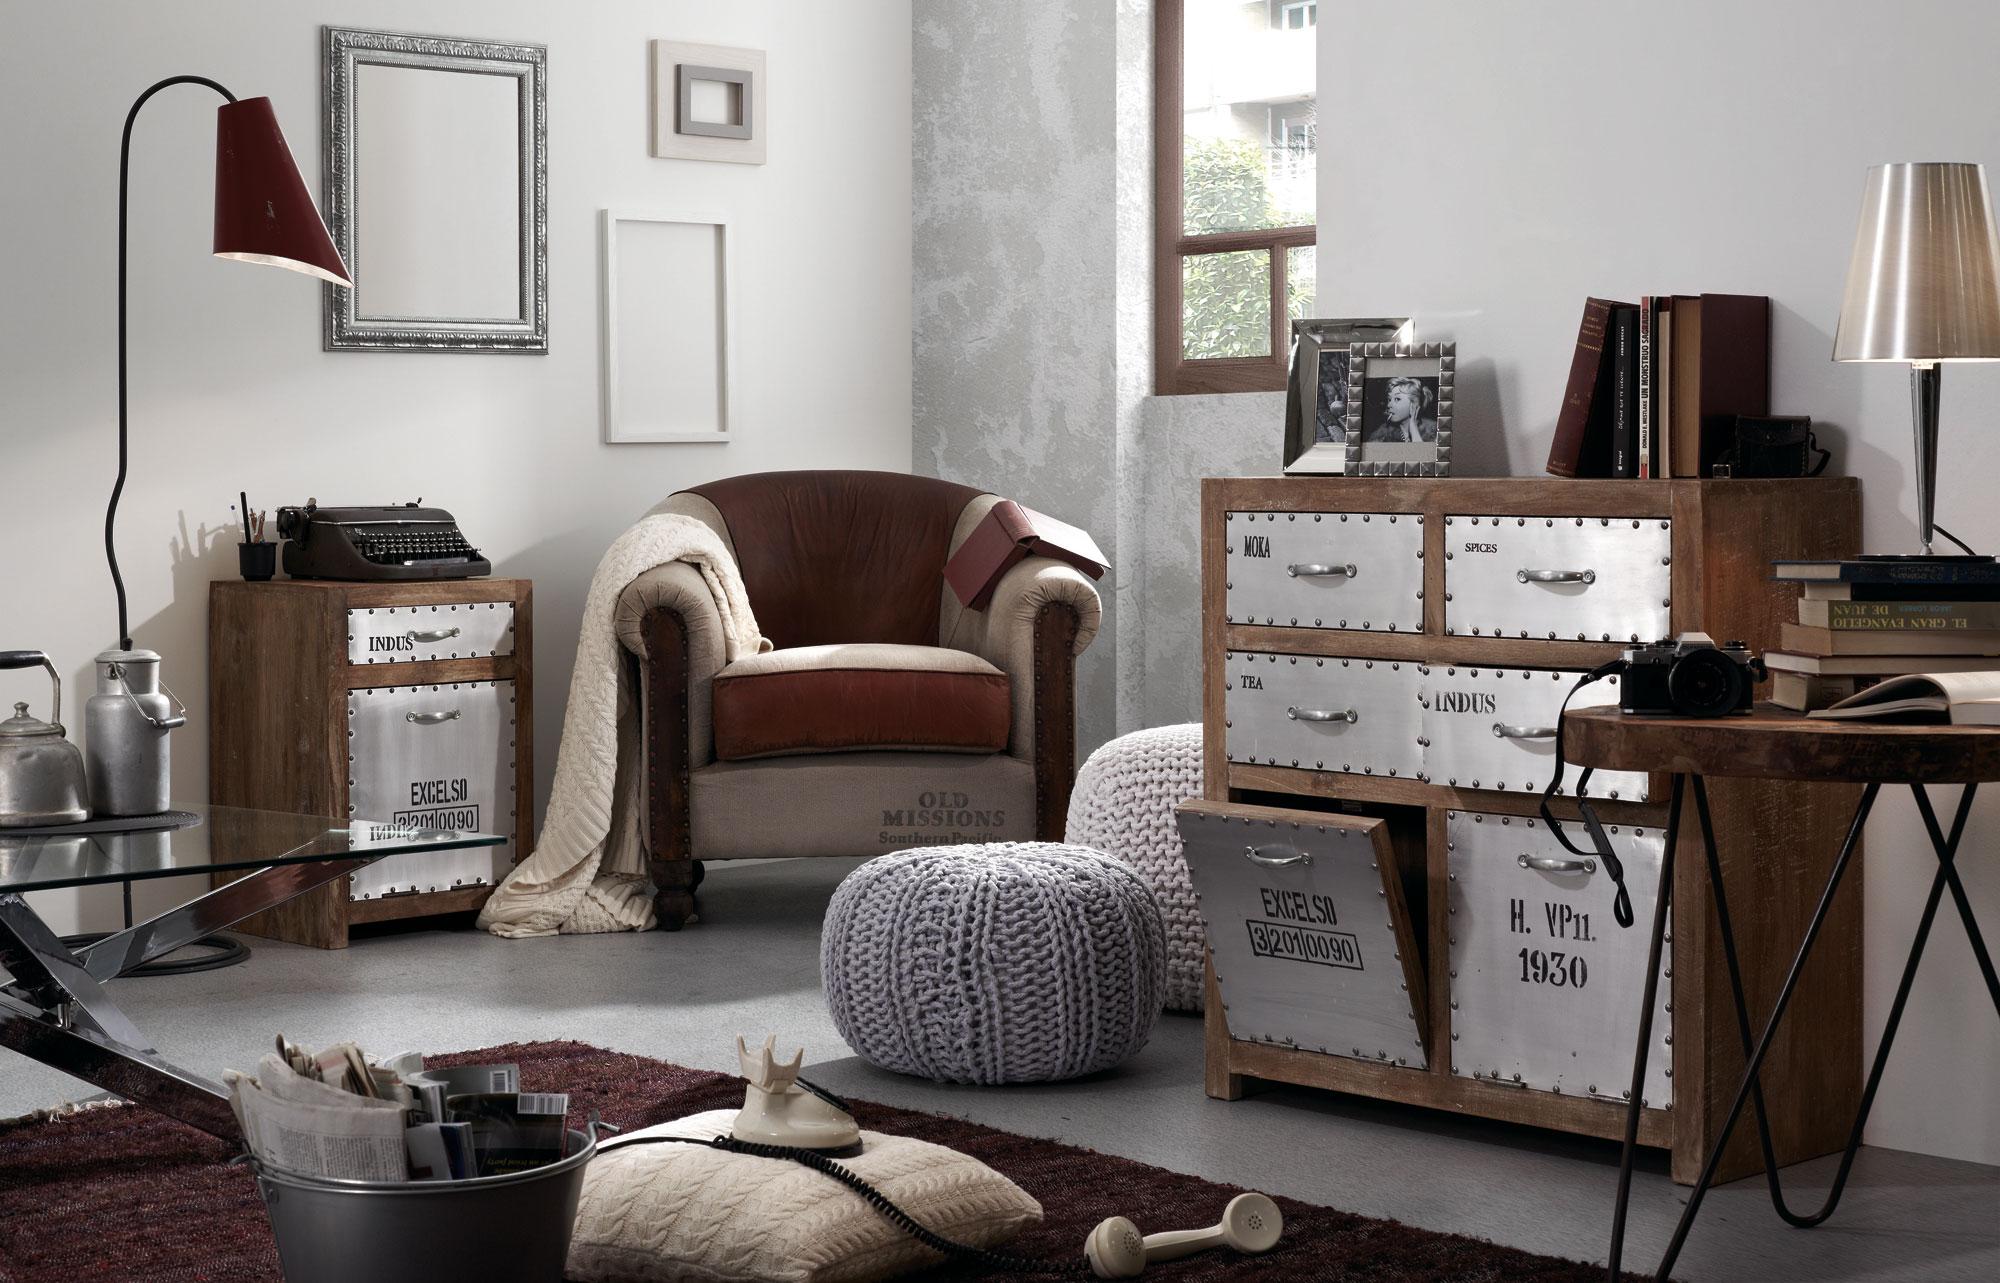 Muebles de estilo industrial vintage49 - Muebles estilo vintage ...